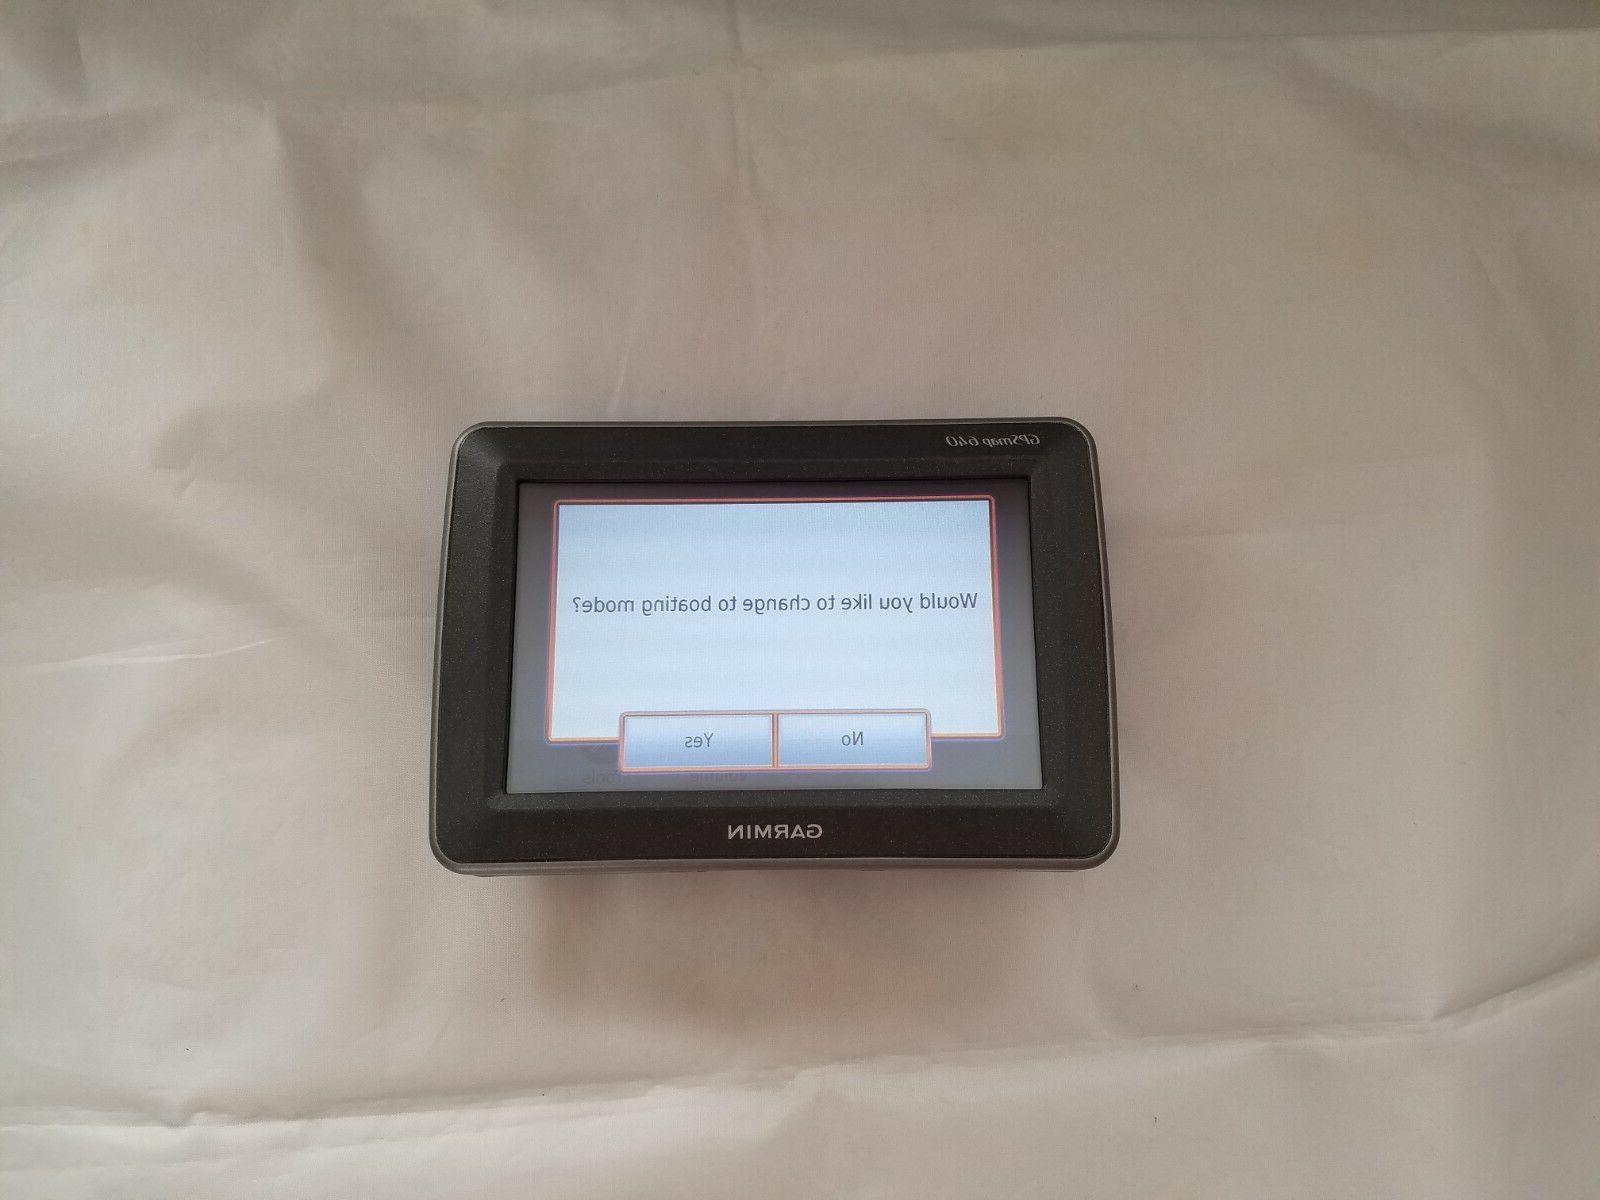 Garmin GPSMAP and Touchscreen